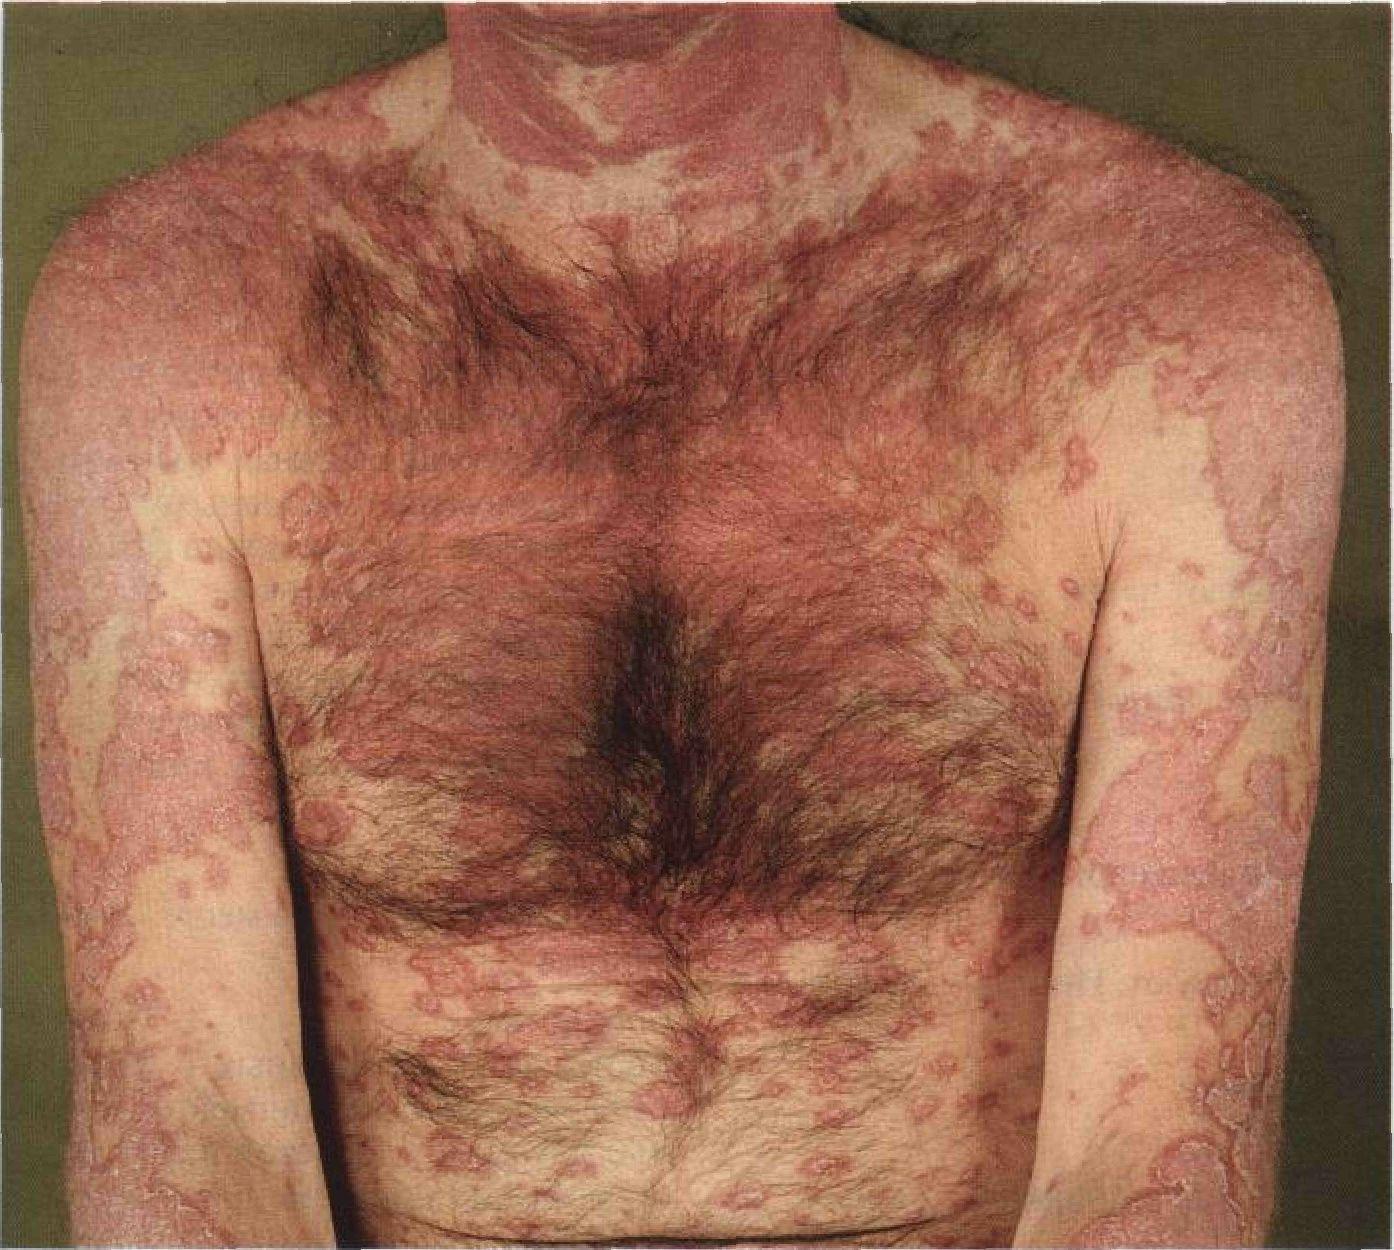 дистрофия кожи фото которым был